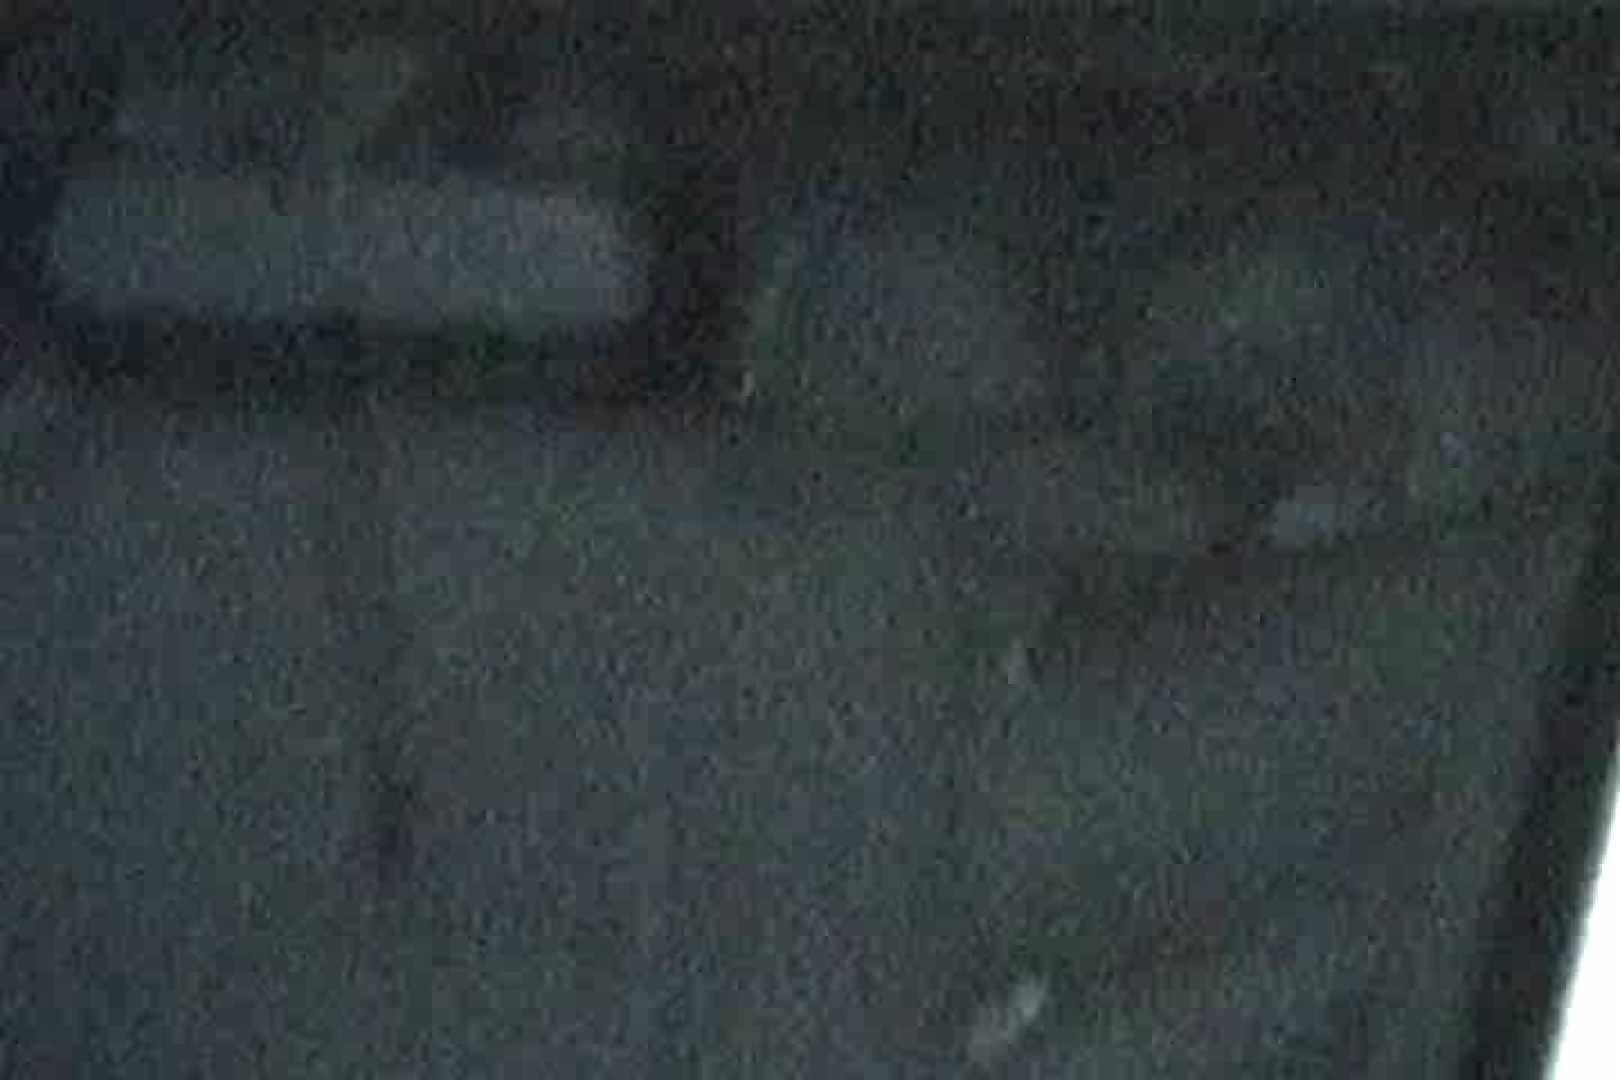 充血監督の深夜の運動会Vol.22 現役ギャル オマンコ動画キャプチャ 88pic 2